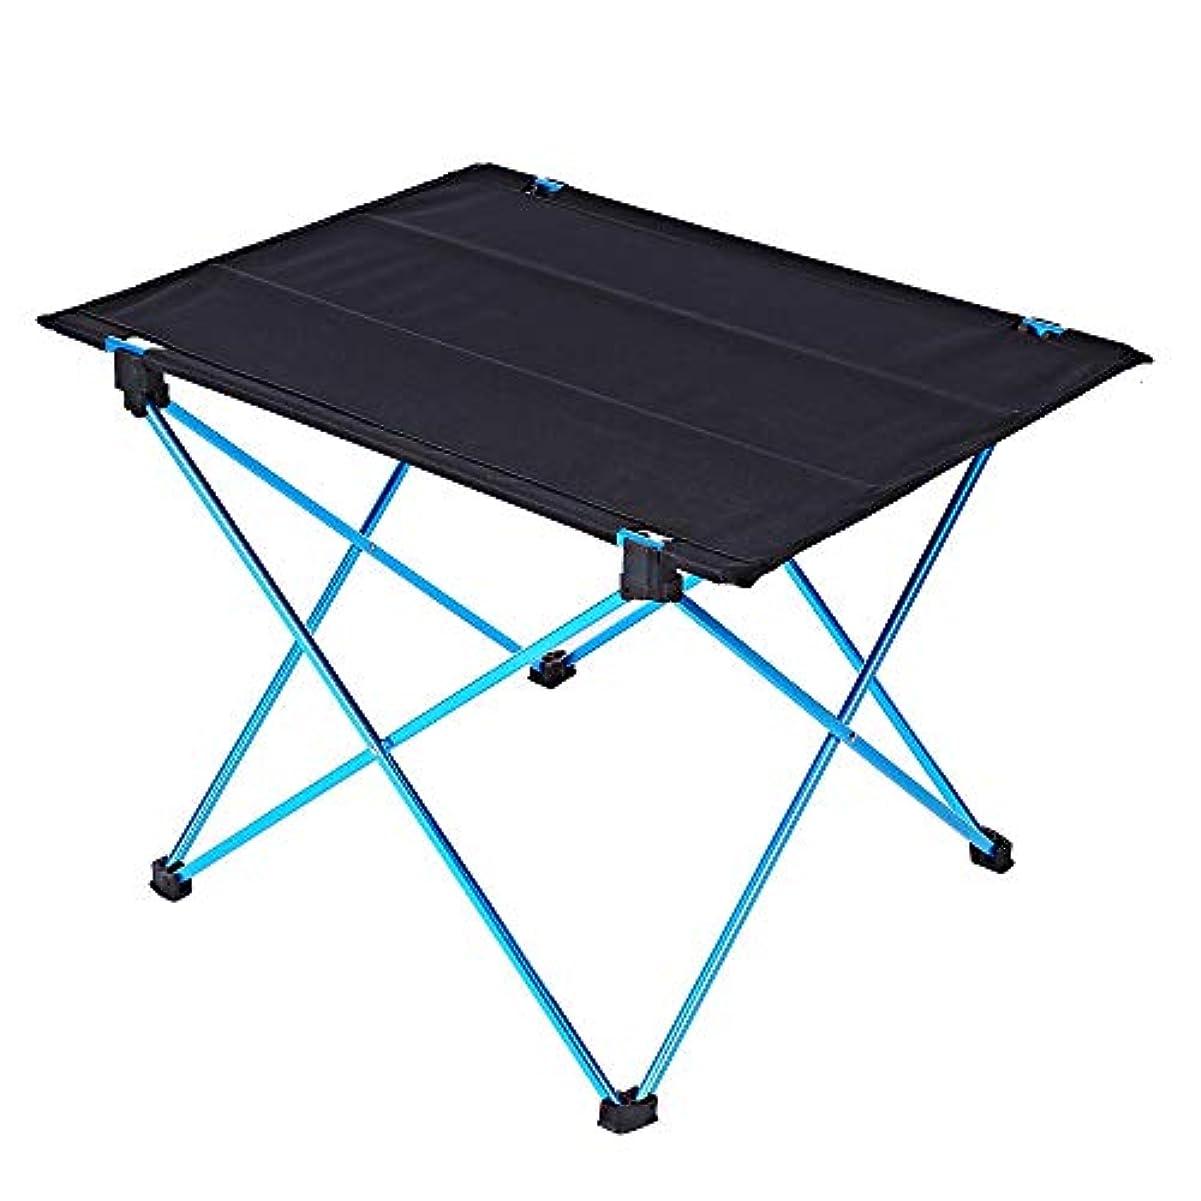 消去に対して罰Dk - 1折りたたみテーブルデスクアルミ合金のためのエンターテイメントキャンプキット